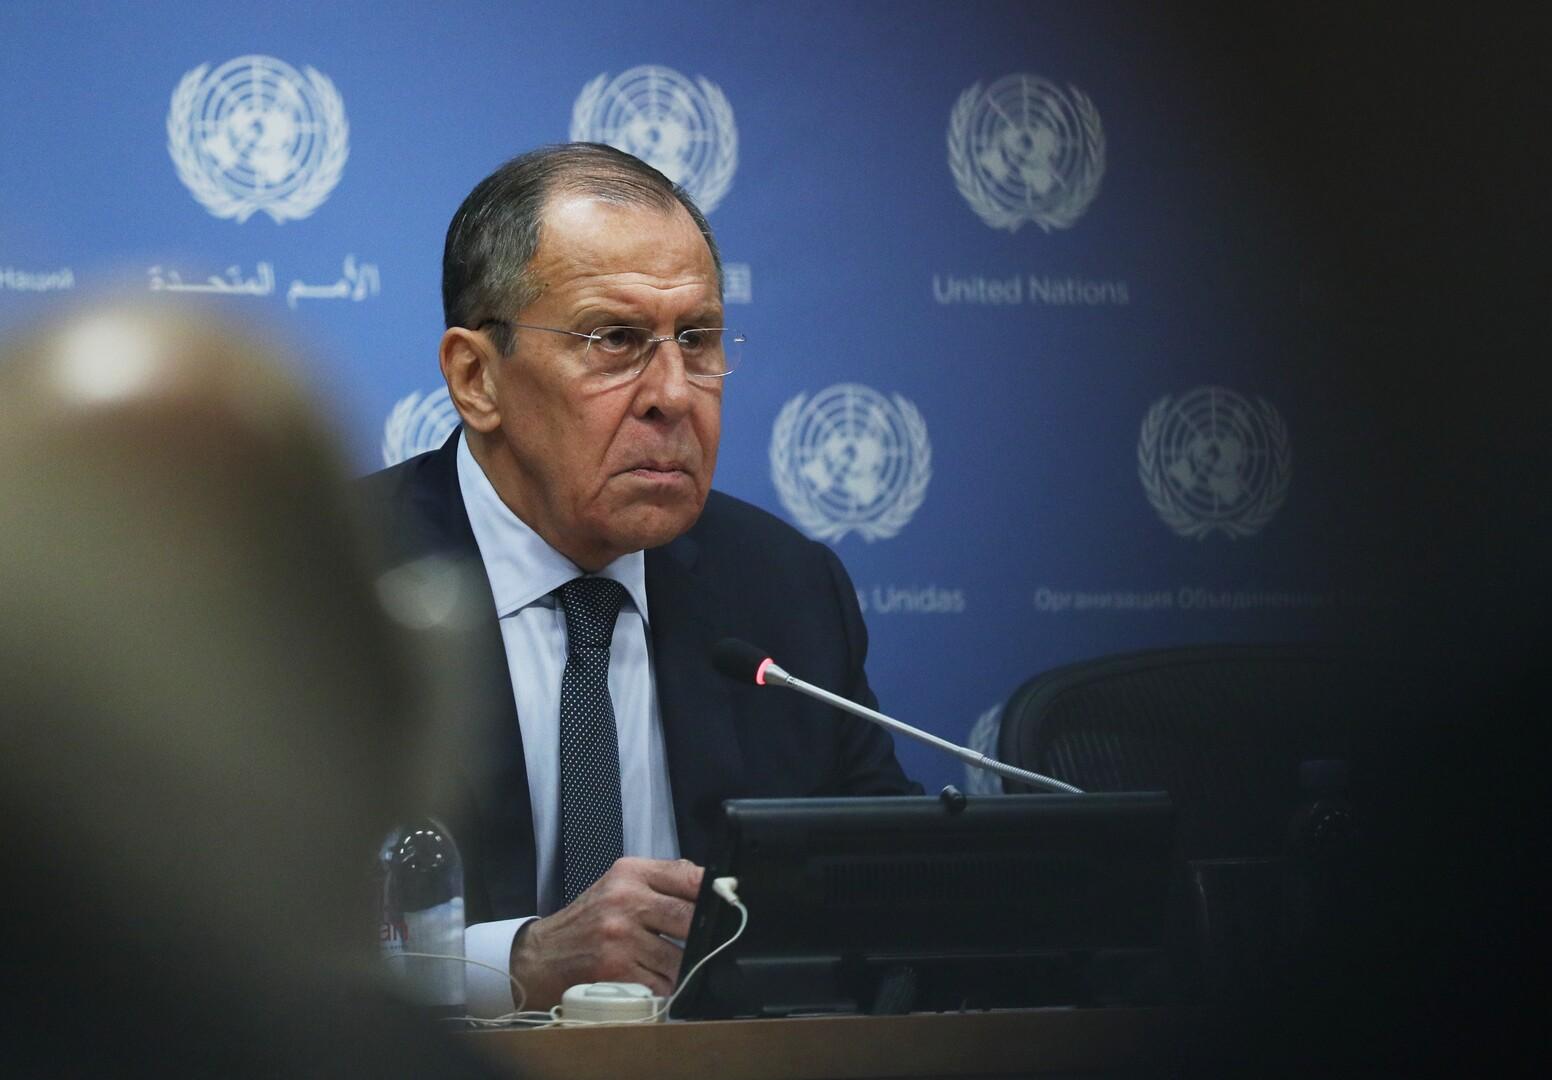 لافروف: لا يمكن أن تكون هناك خطط بديلة لتنفيذ اتفاقيات مينسك